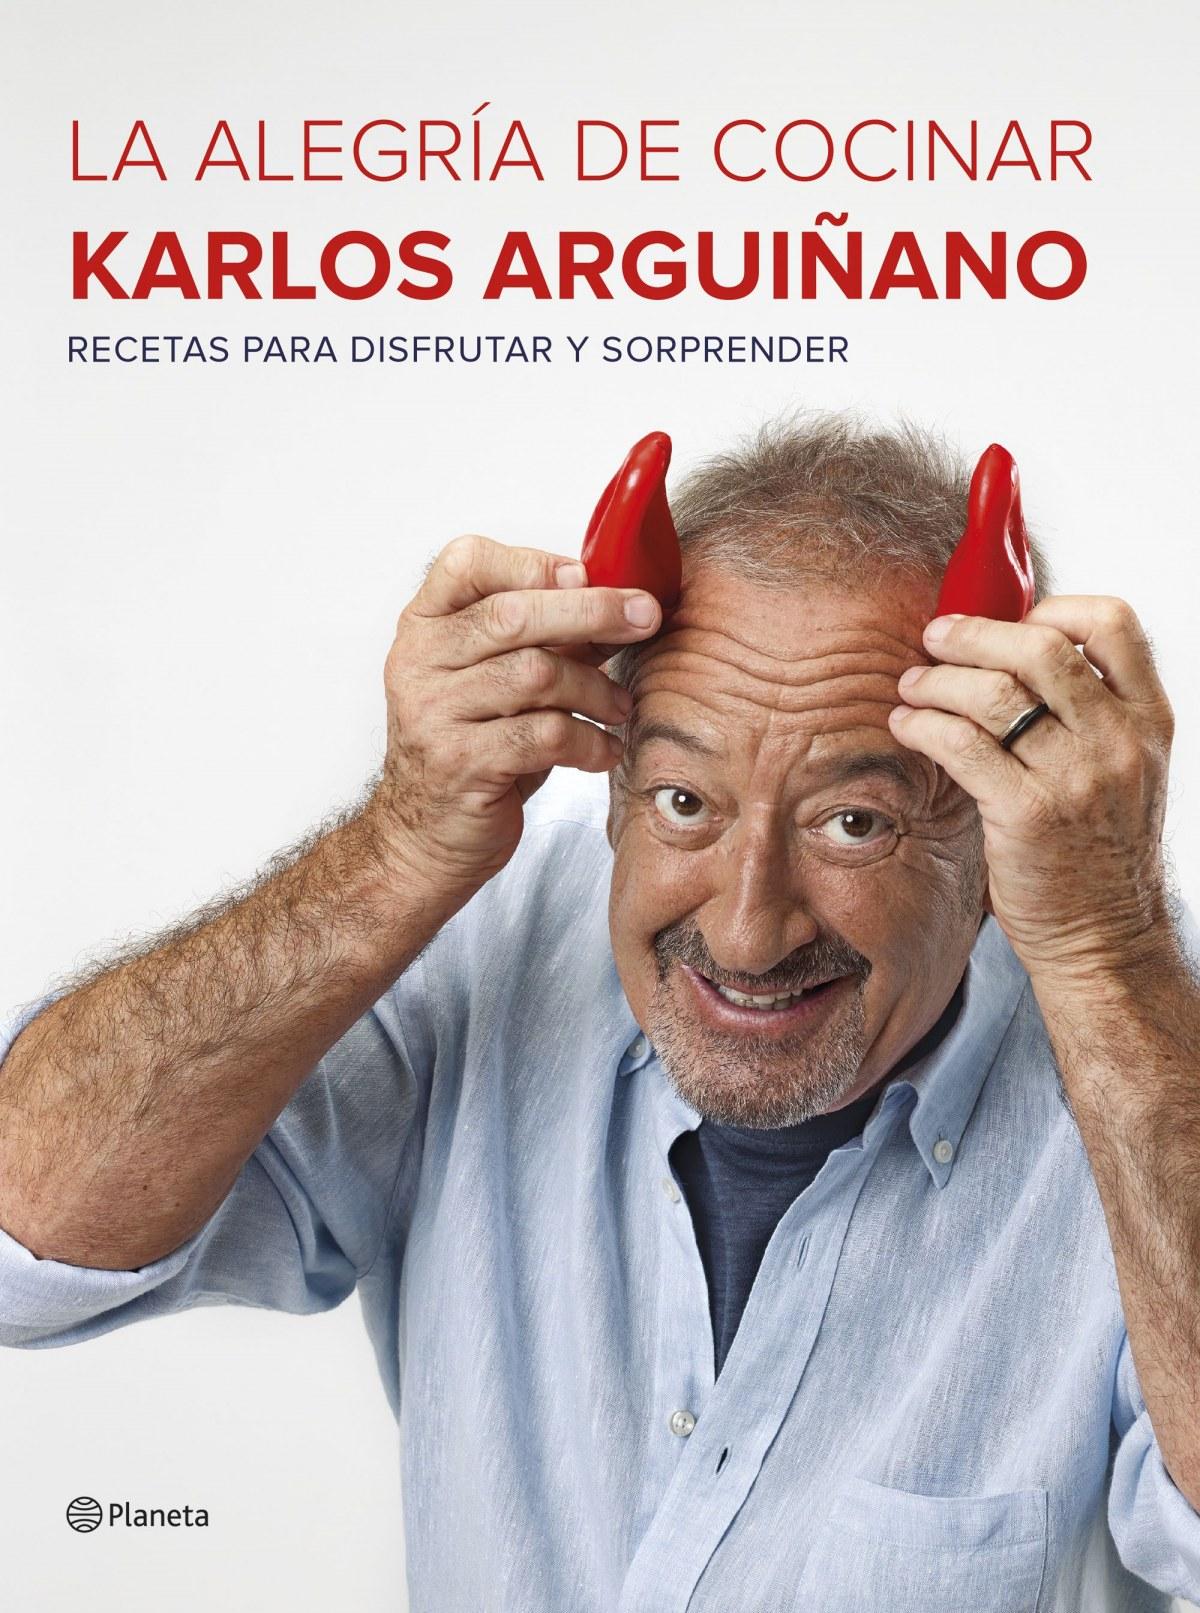 LA ALEGRIA DE COCINAR KARLOS ARGUIÑANO